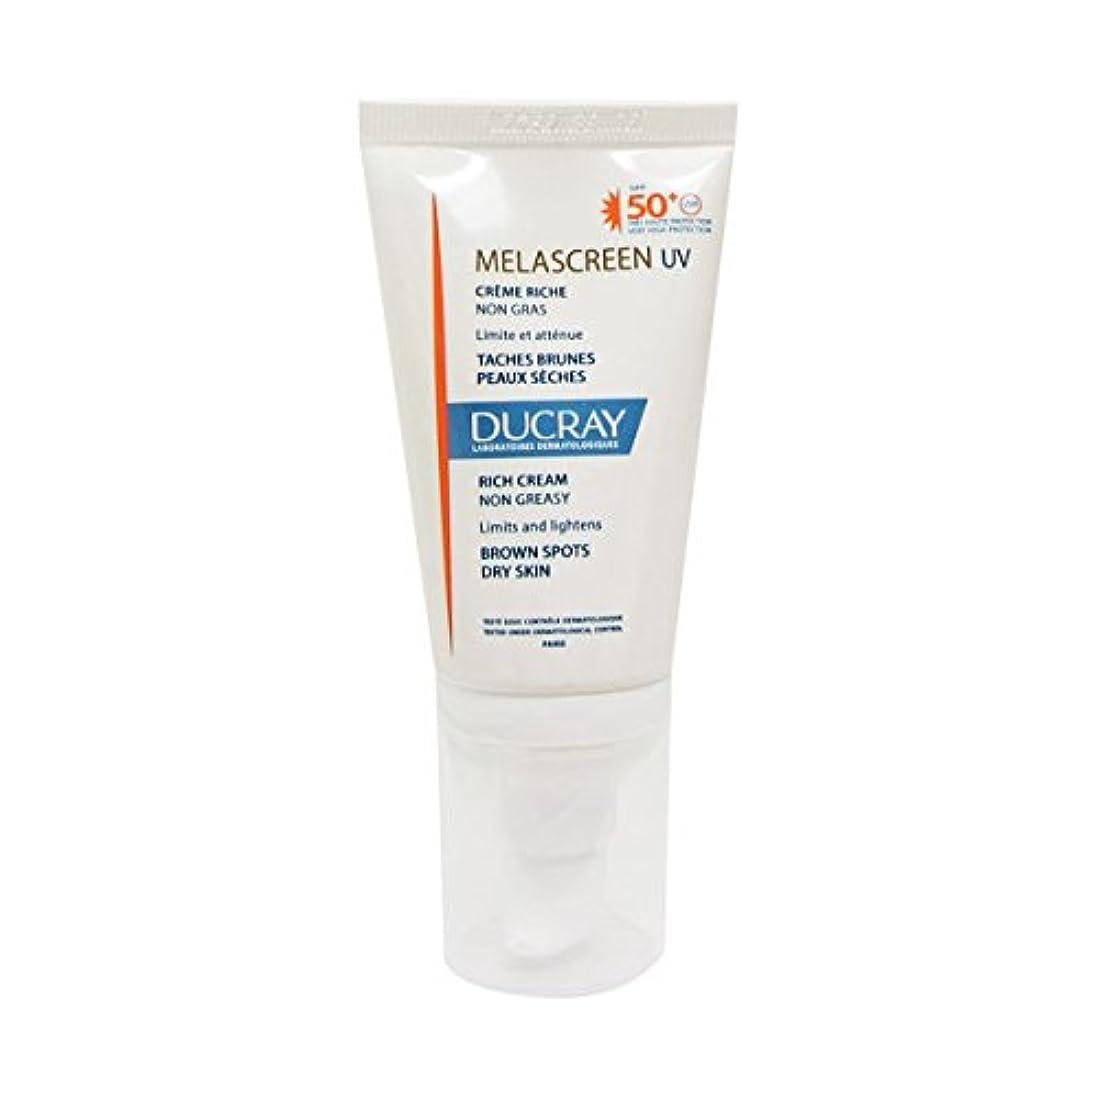 Ducray Melascreen Rich Cream Spf 50+ 40ml [並行輸入品]